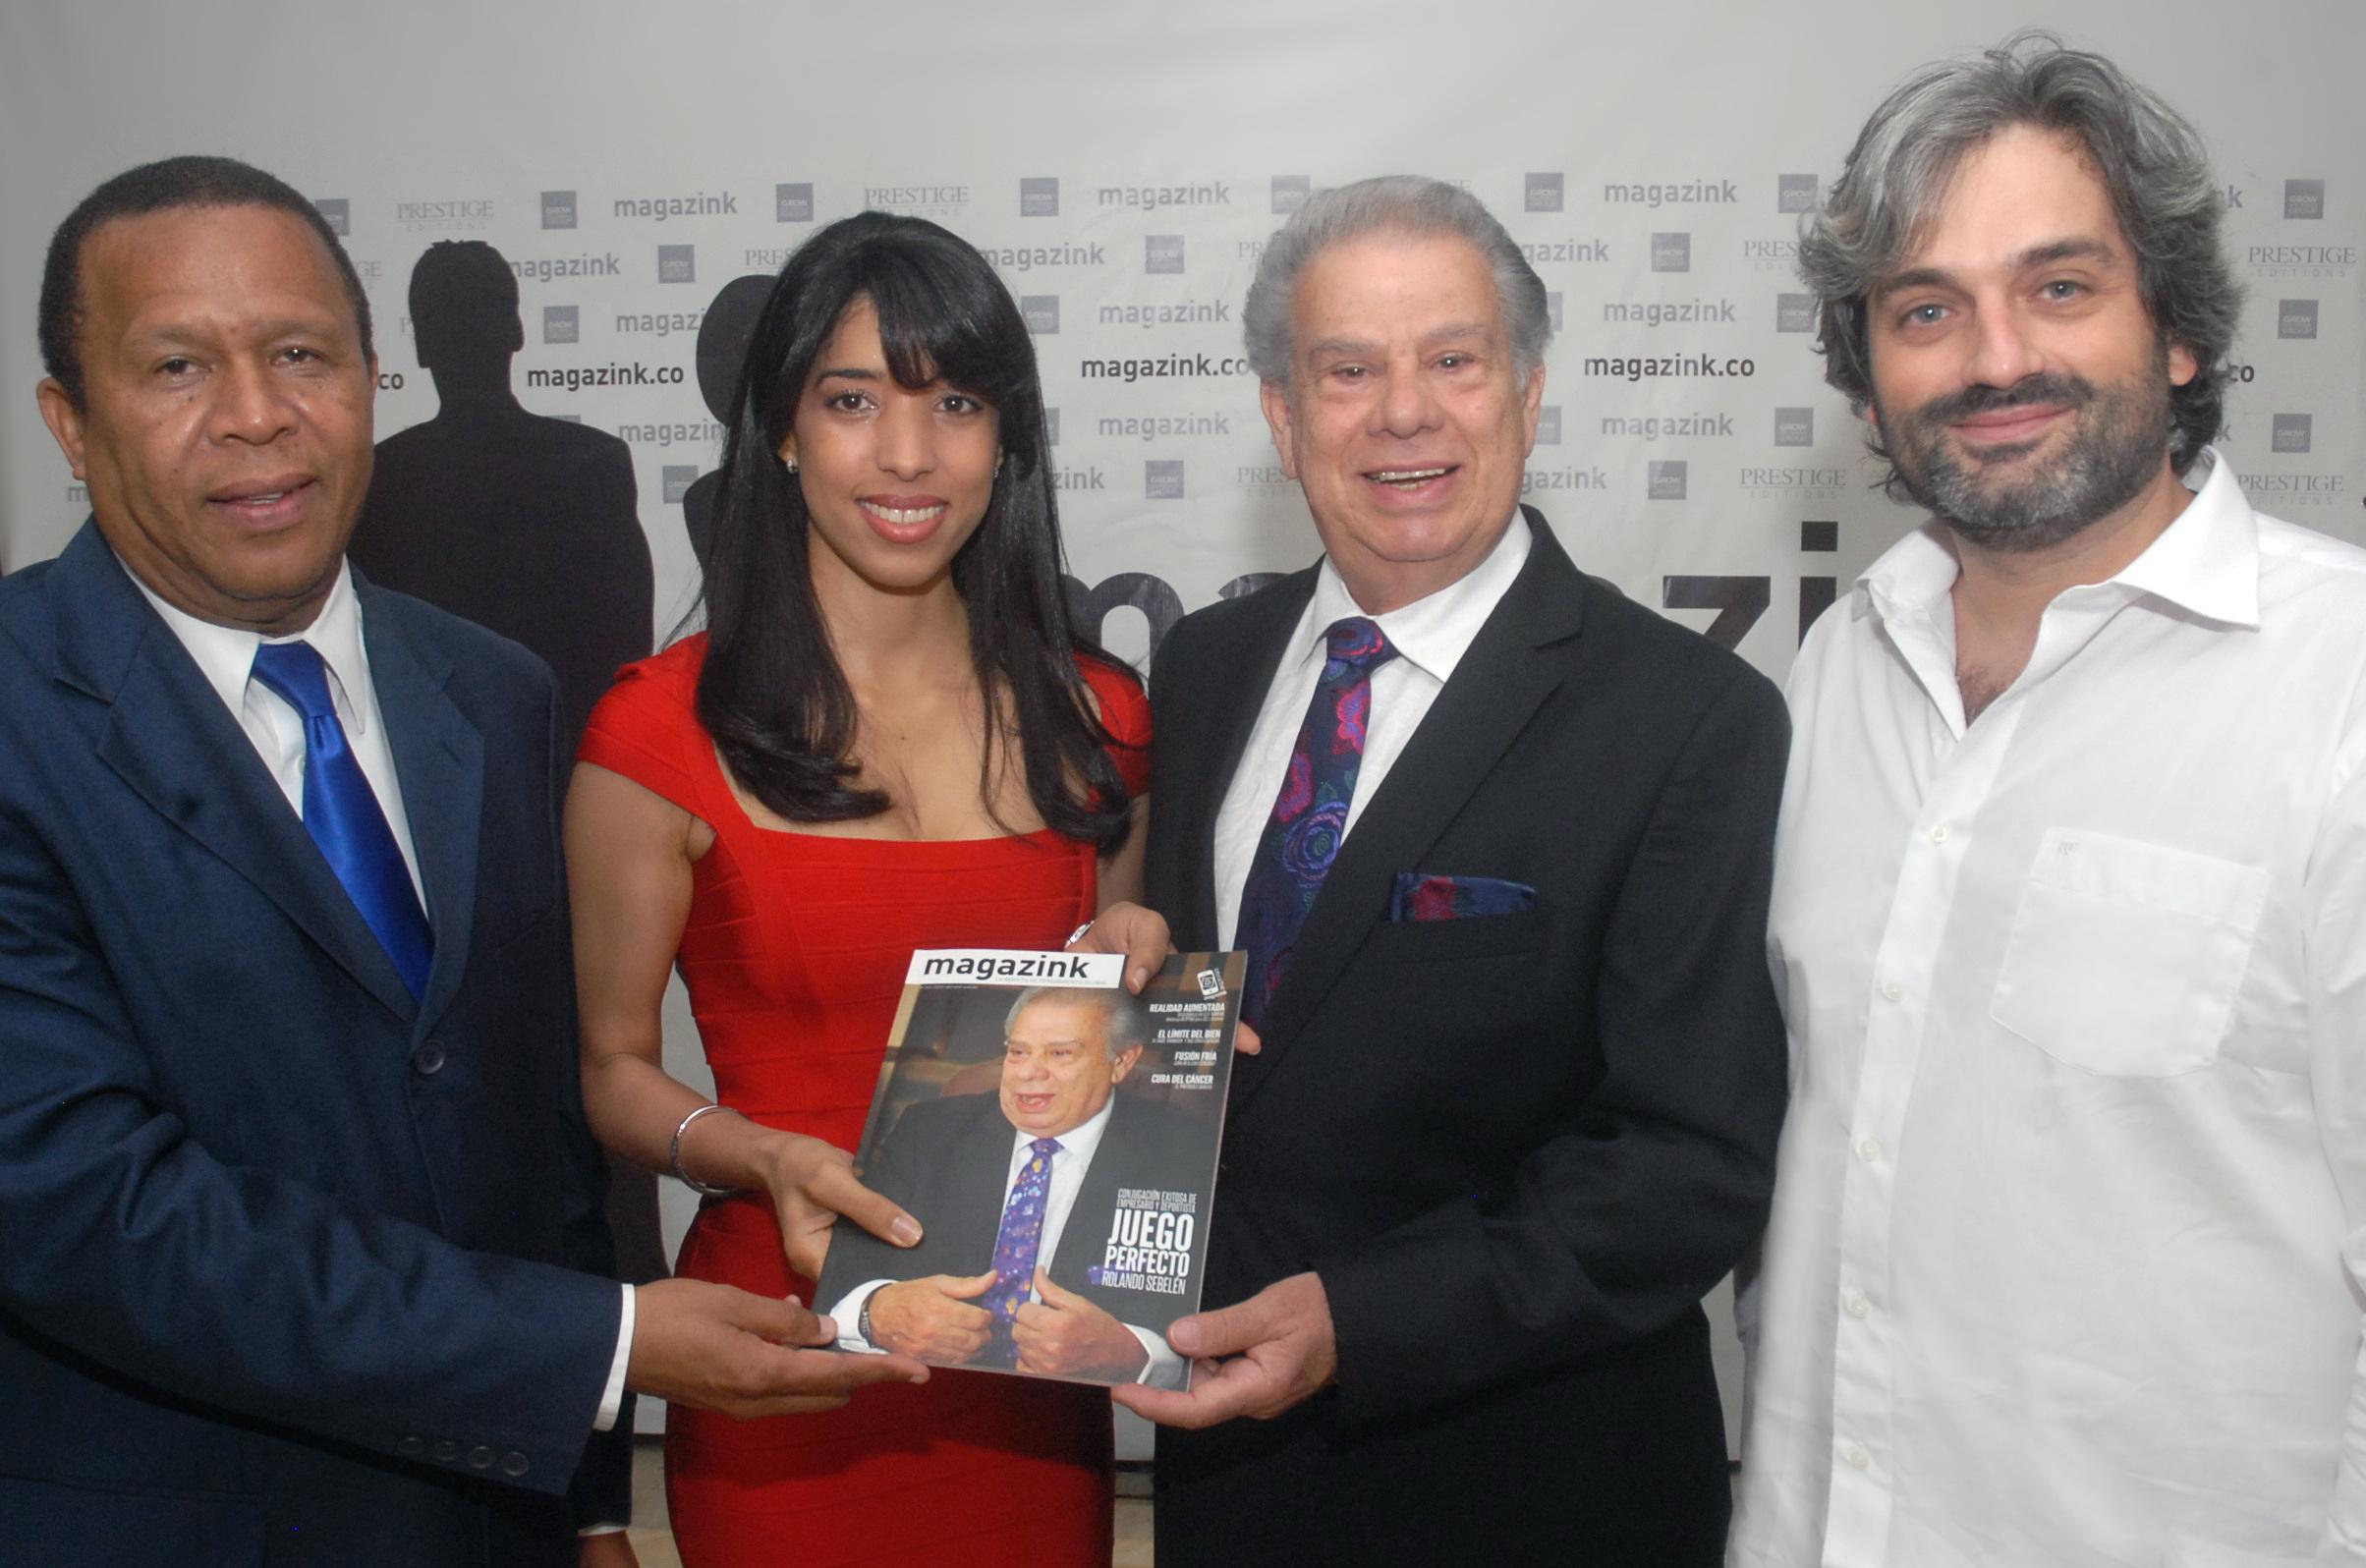 magazink_domingo_batista_nicol_rosario_rolando_sebelen_david_lara